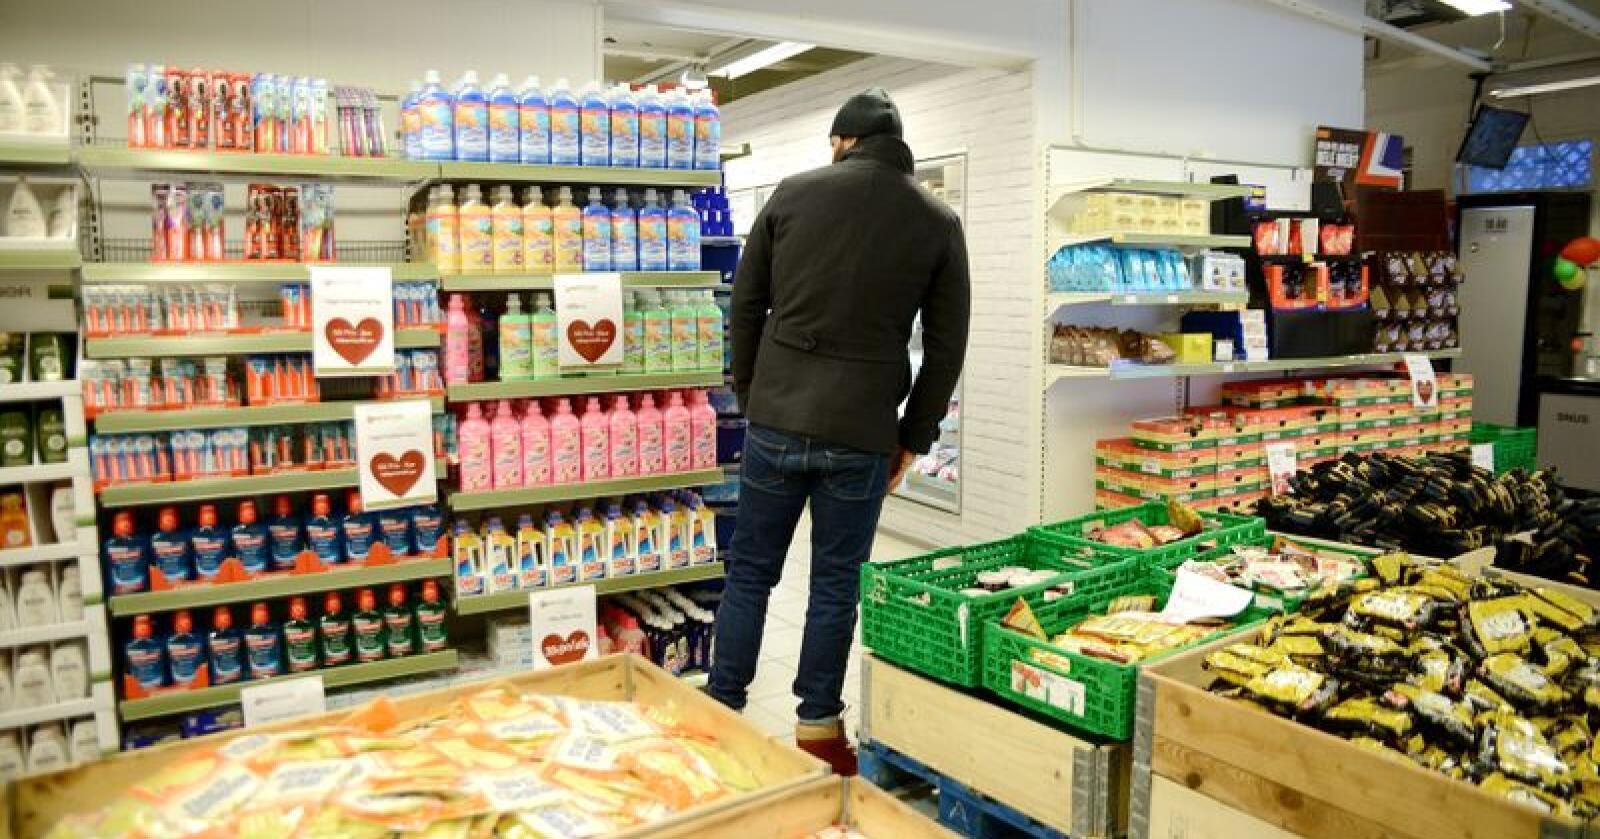 Er forbrukerne i Norge blitt for kresne? Leserbrevforfatteren mistenker at svaret er ja. Foto: Siri Juell Rasmussen